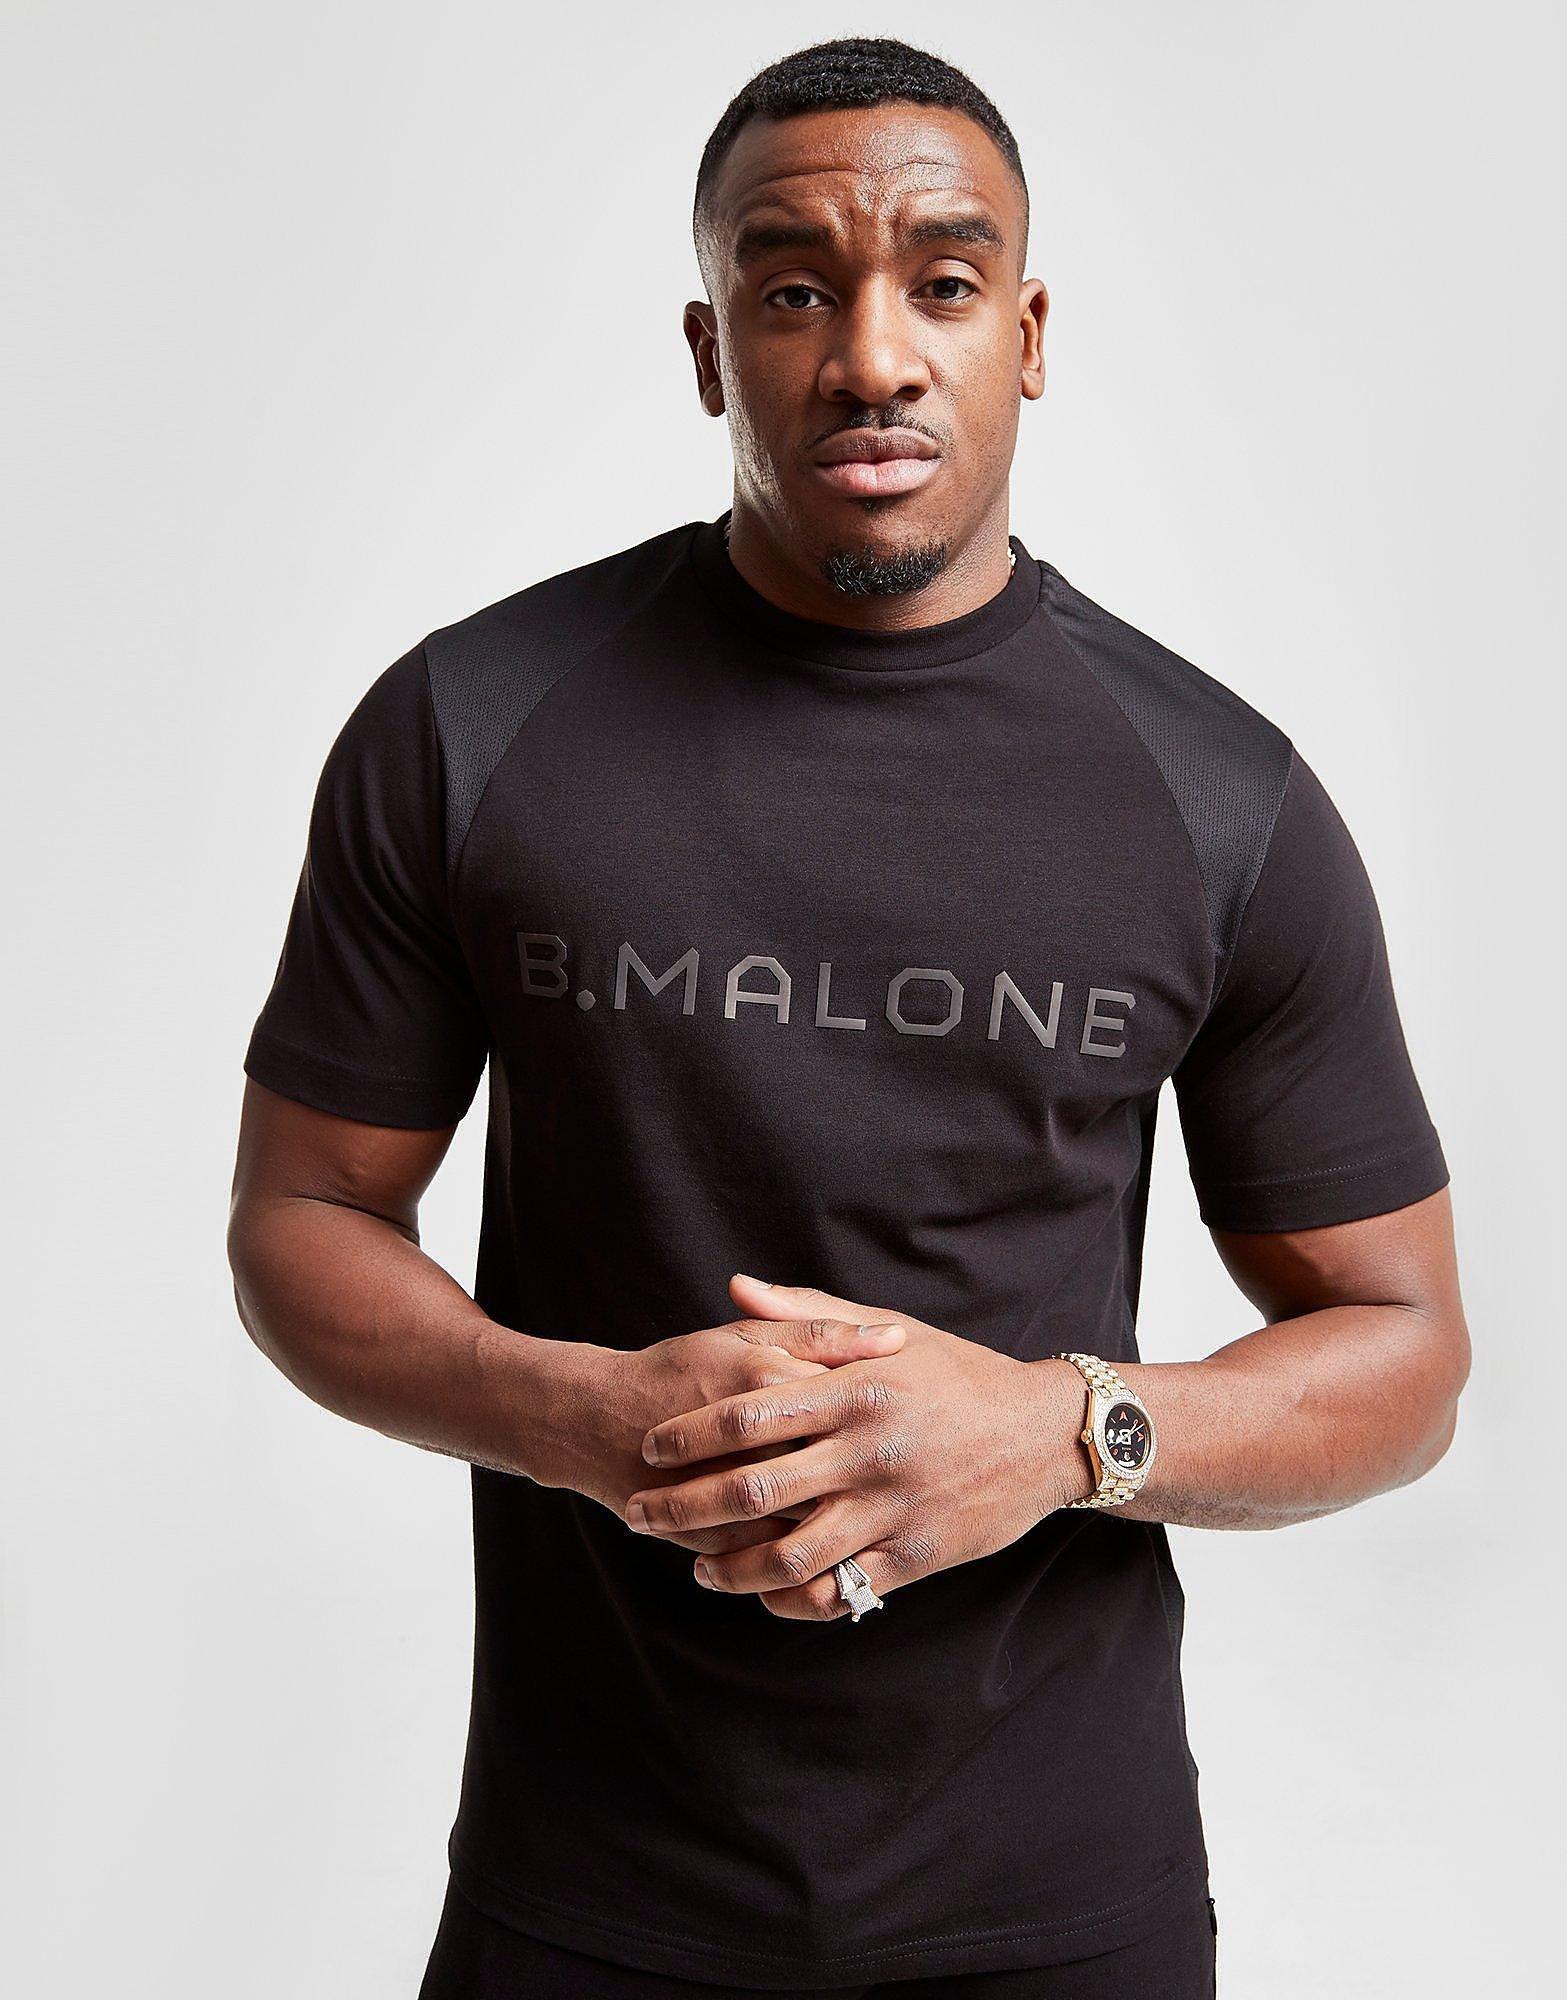 B Malone T-Shirt Heren - Zwart - Heren